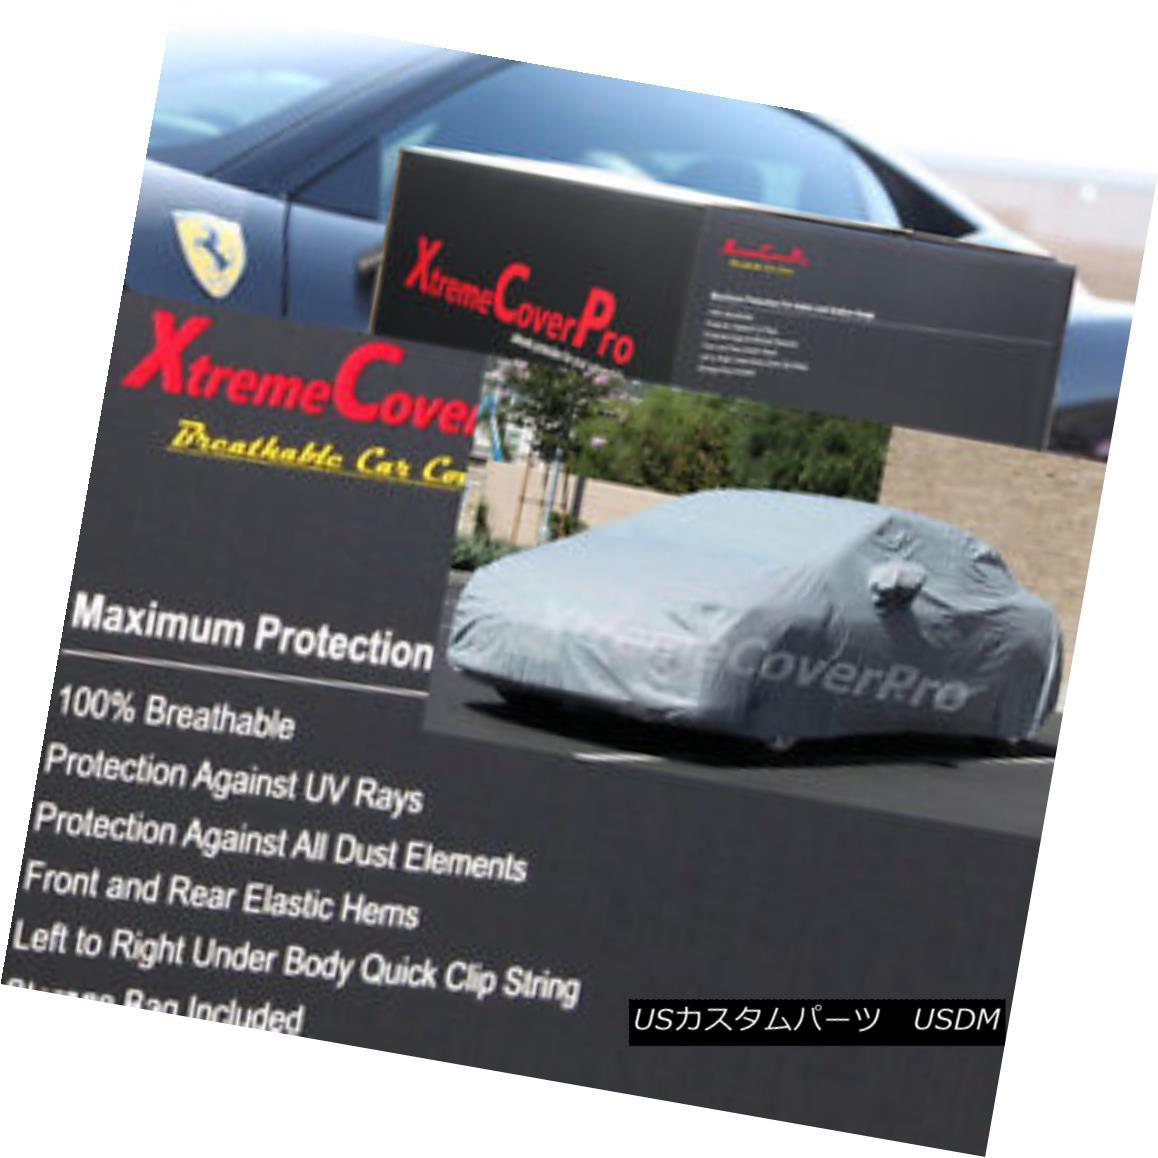 カーカバー 2001 2002 2003 Chrysler Sebring Sedan Breathable Car Cover w/MirrorPocket 2001 2002 2003クライスラーセブリングセダン通気性車カバー付きMirrorPocket